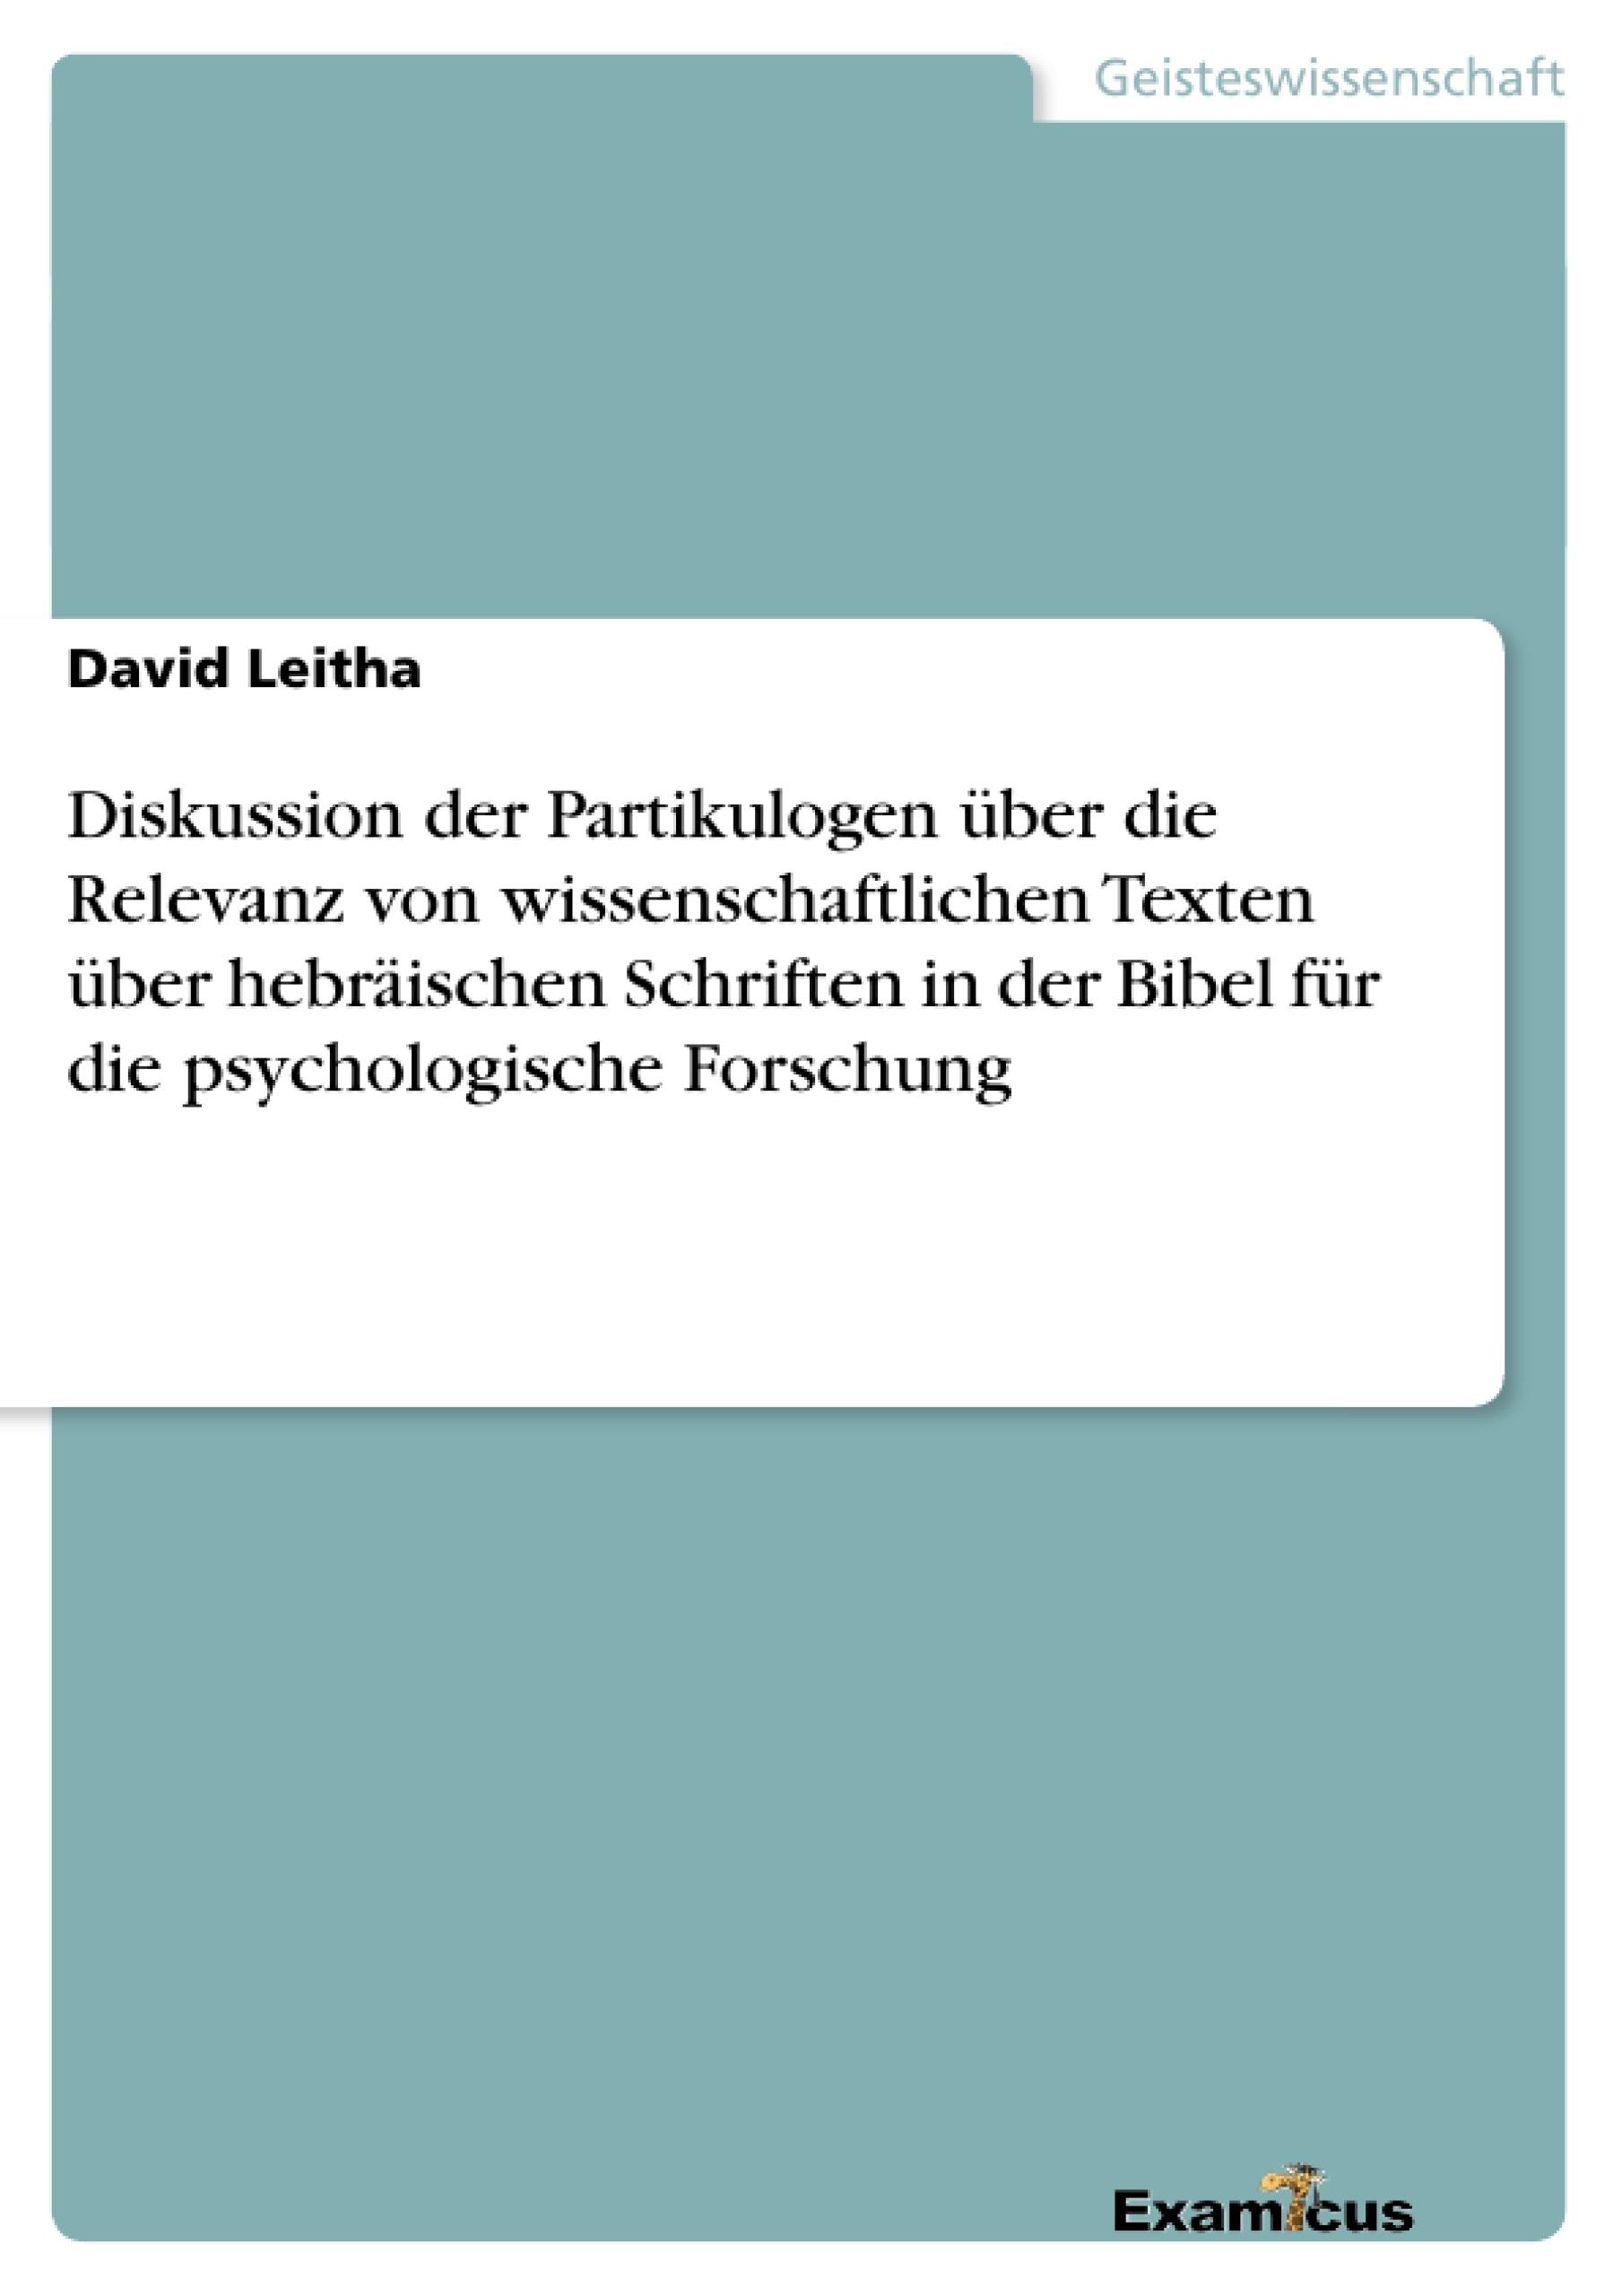 Titel: Diskussion der Partikulogen über die Relevanz von wissenschaftlichen Texten über hebräischen Schriften in der Bibel für die psychologische Forschung